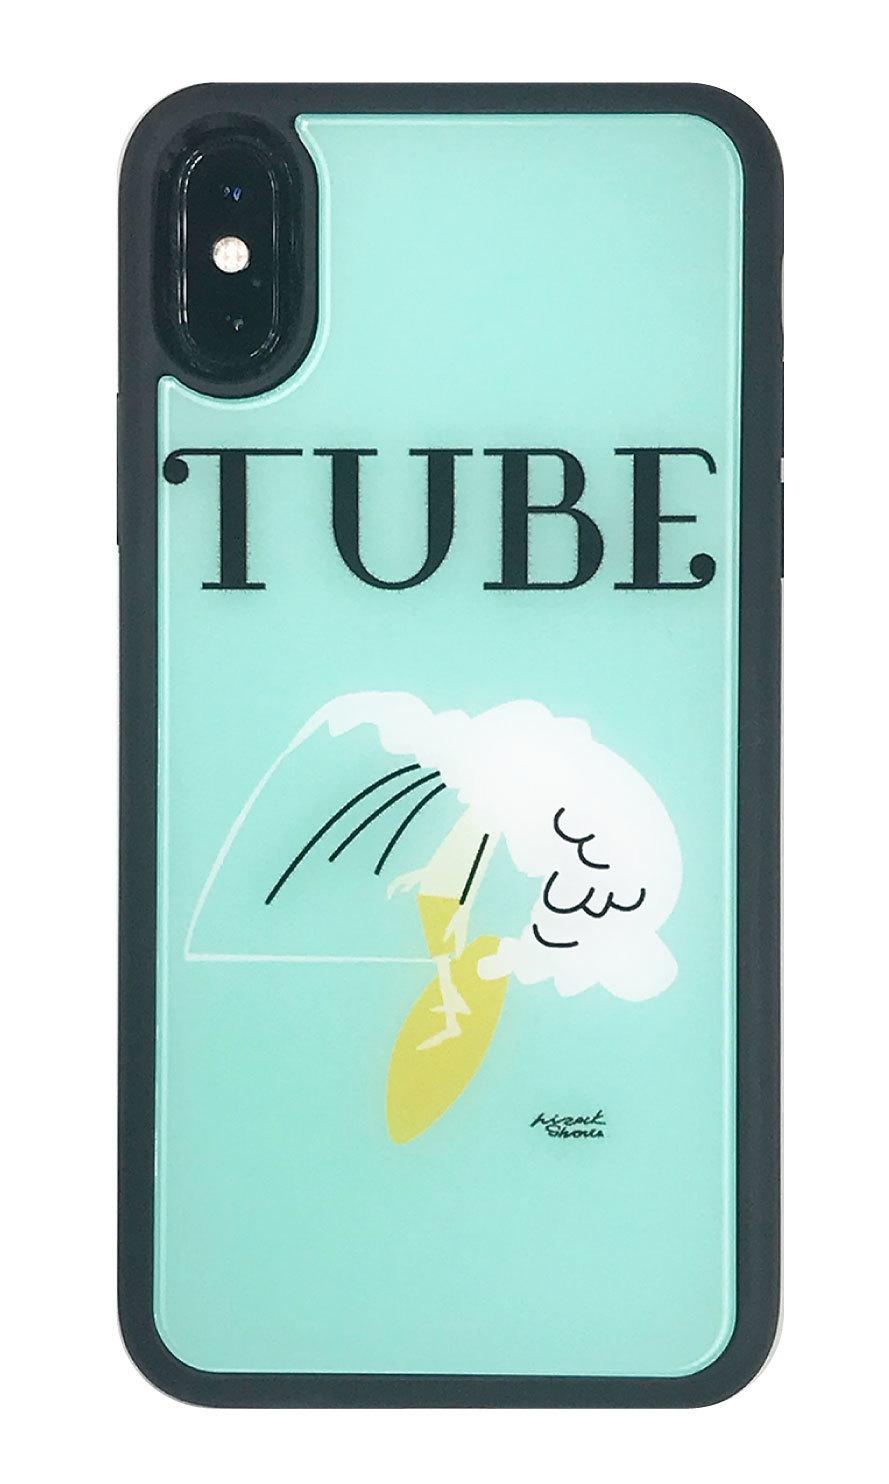 tube アクリルパネルケース